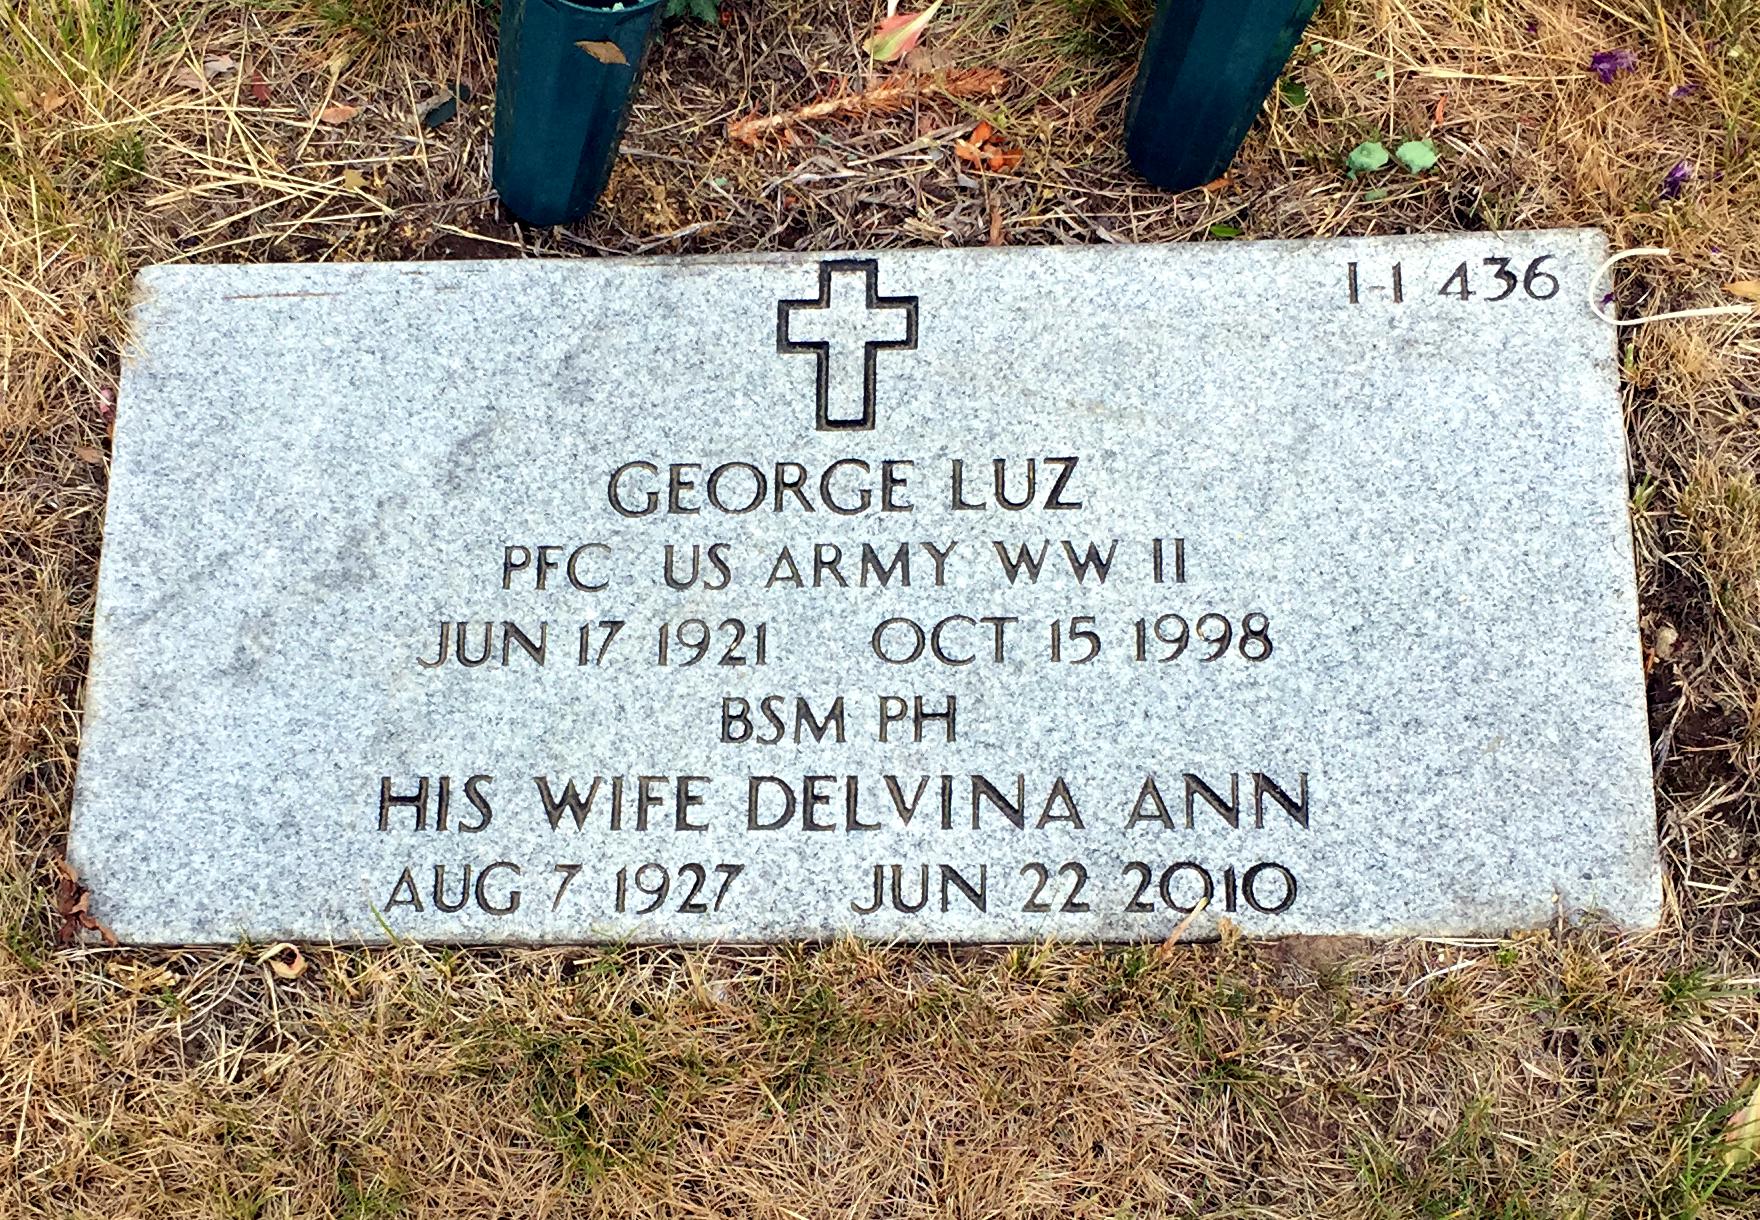 PFC George Luz